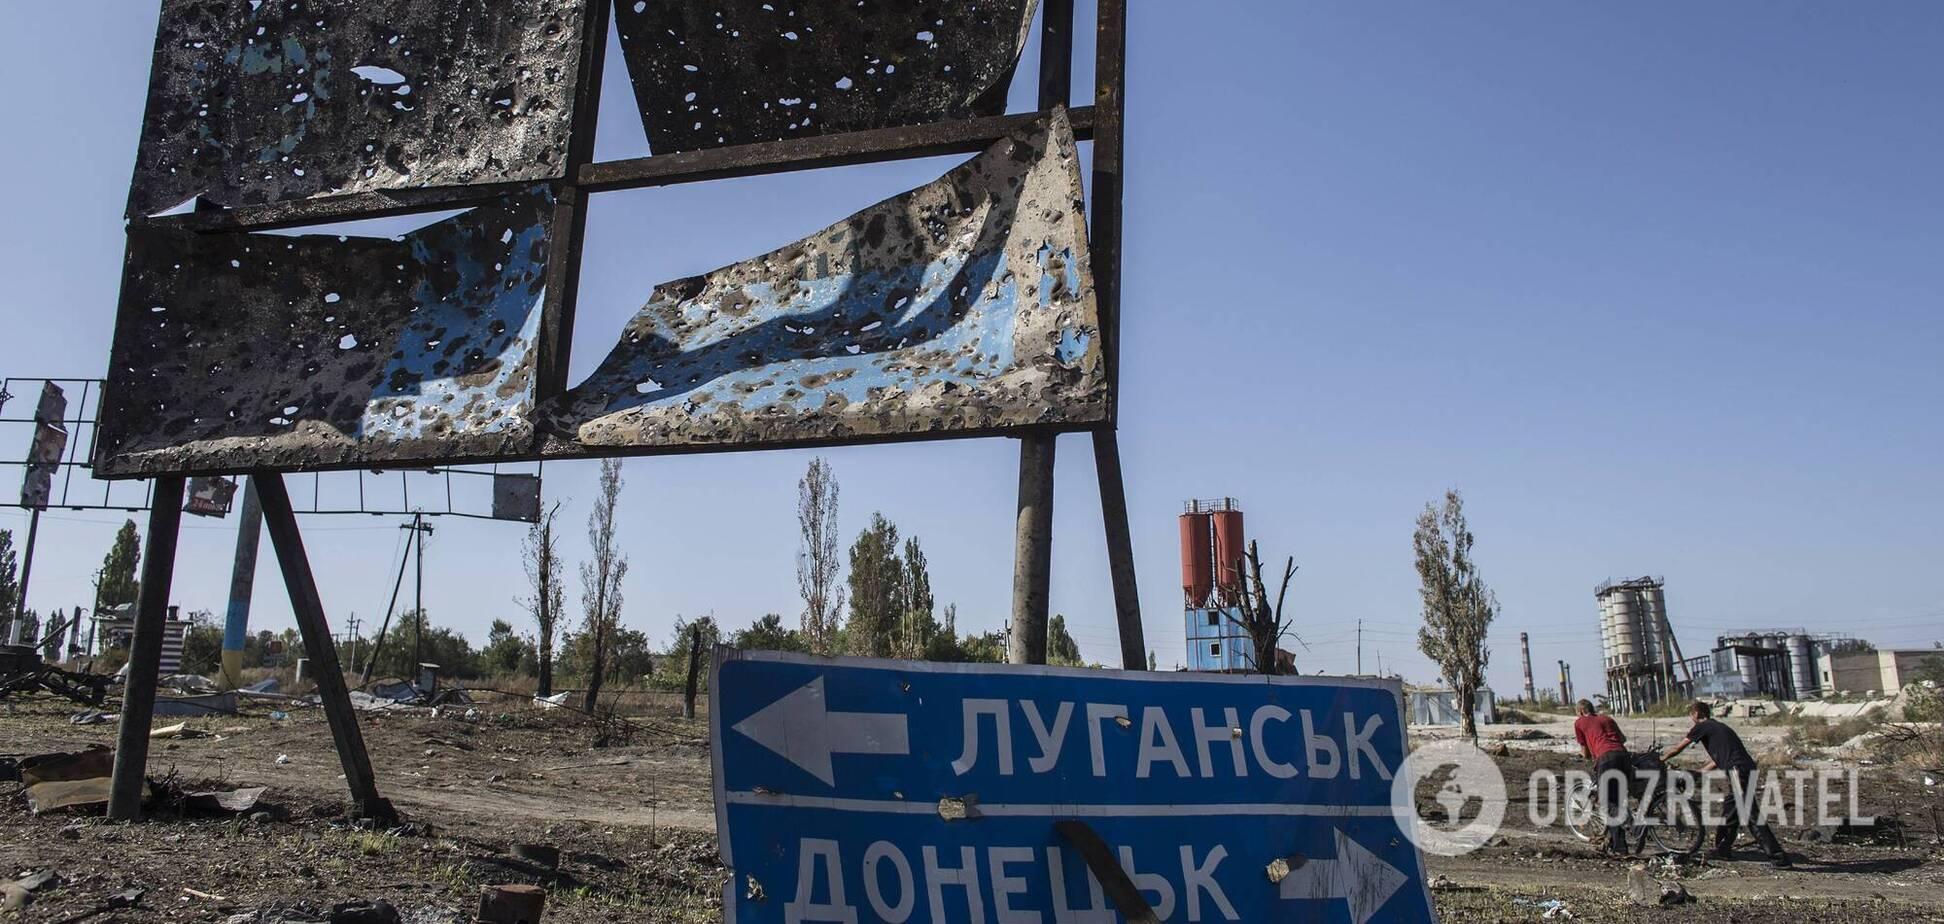 Кремль змінив стратегію щодо Донбасу: Пономарьов розкрив подробиці нового плану